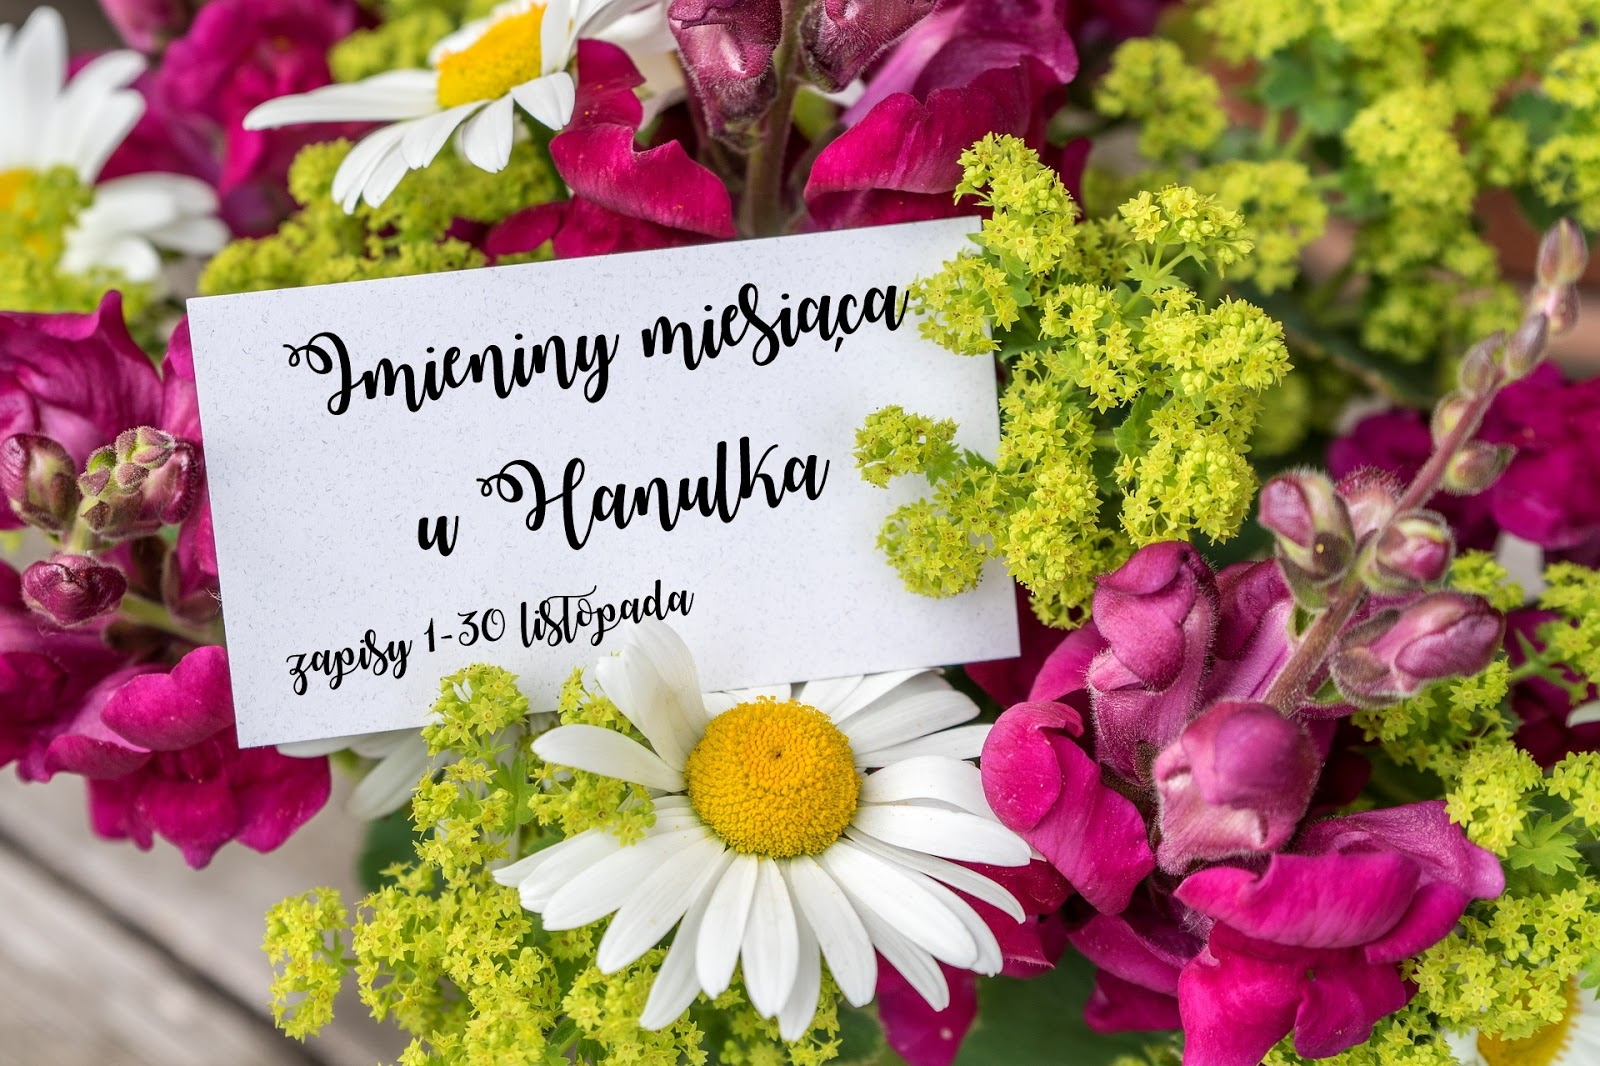 Imieniny Miesiąca - całiroczna zabawa u Hanulka :)